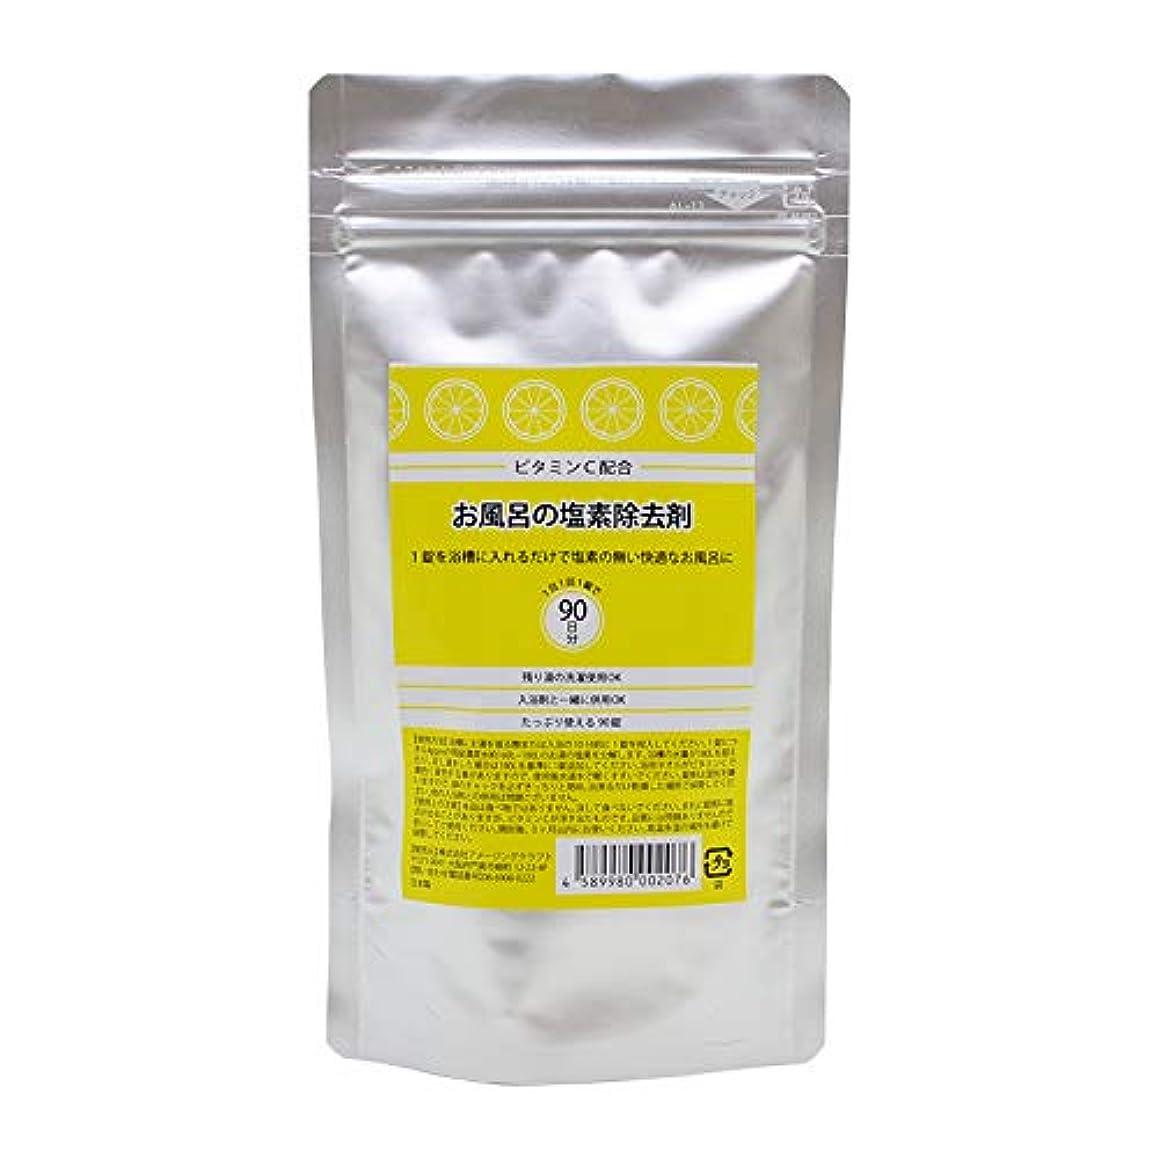 プラスチックいま陰謀ビタミンC配合 お風呂の塩素除去剤 錠剤タイプ 90錠 浴槽用脱塩素剤